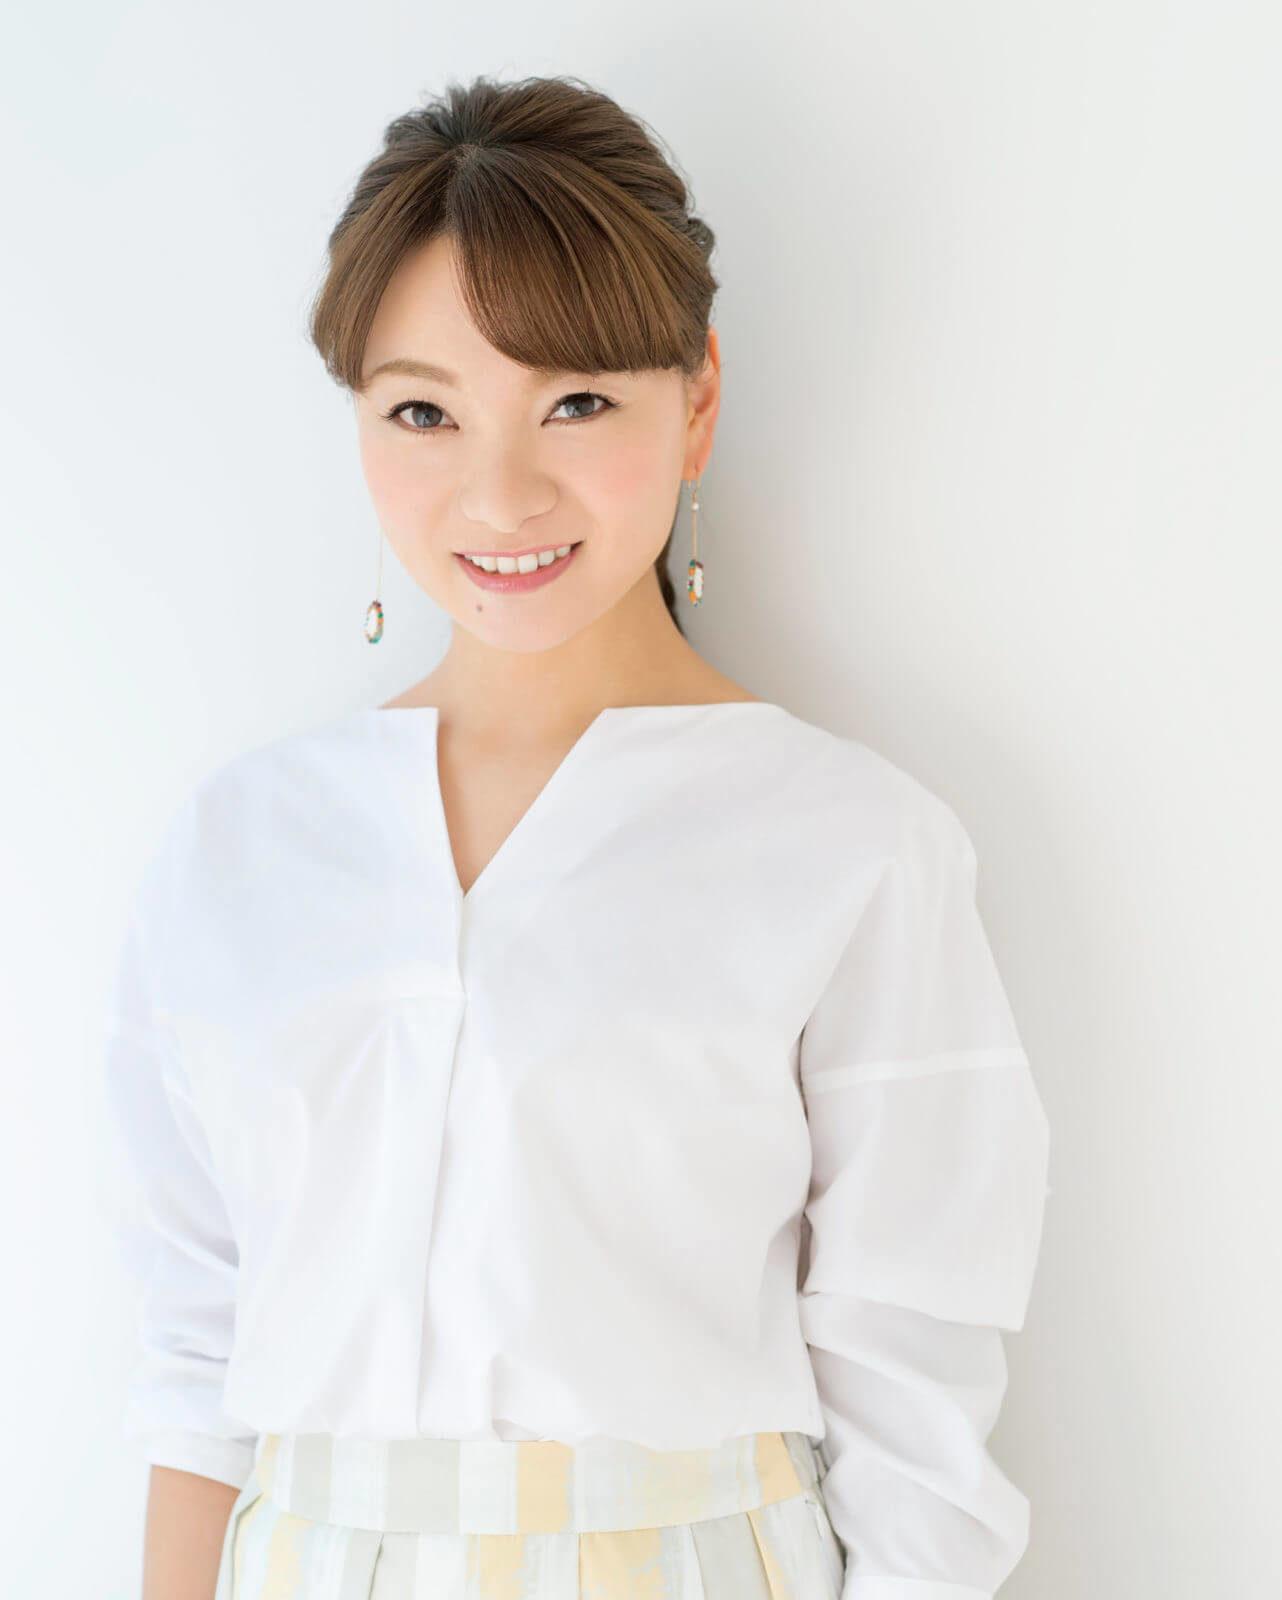 元モー娘。保田圭、石橋貴明にクレーム「婚活に支障が…」サムネイル画像